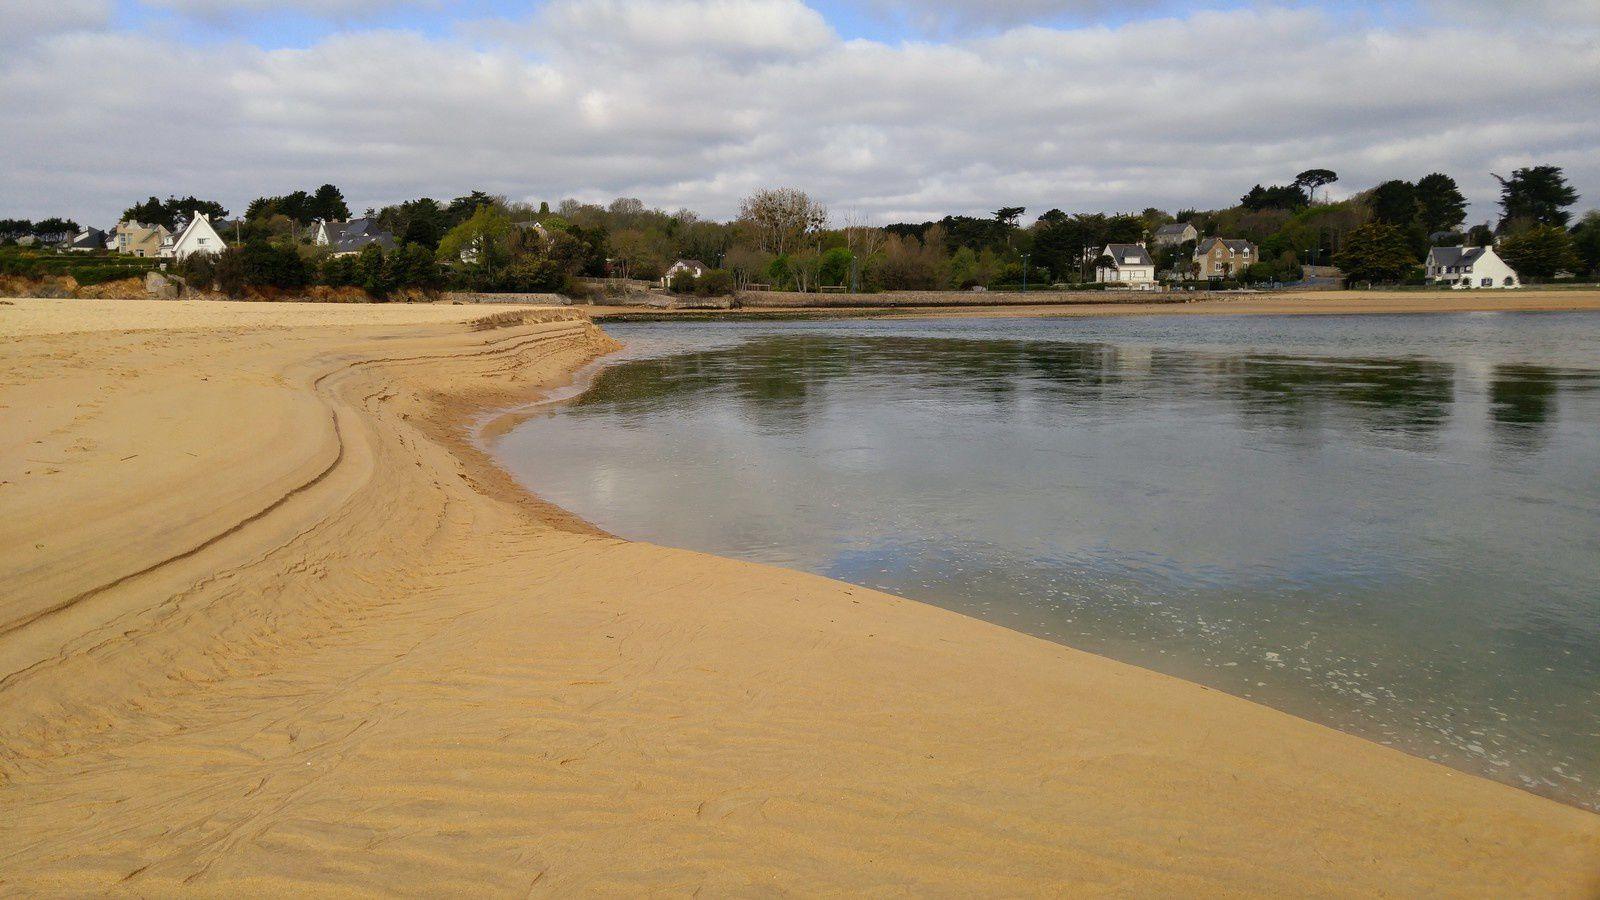 Guidel plage - Lorient - Sous-marin Flore S645 - Larmor plage